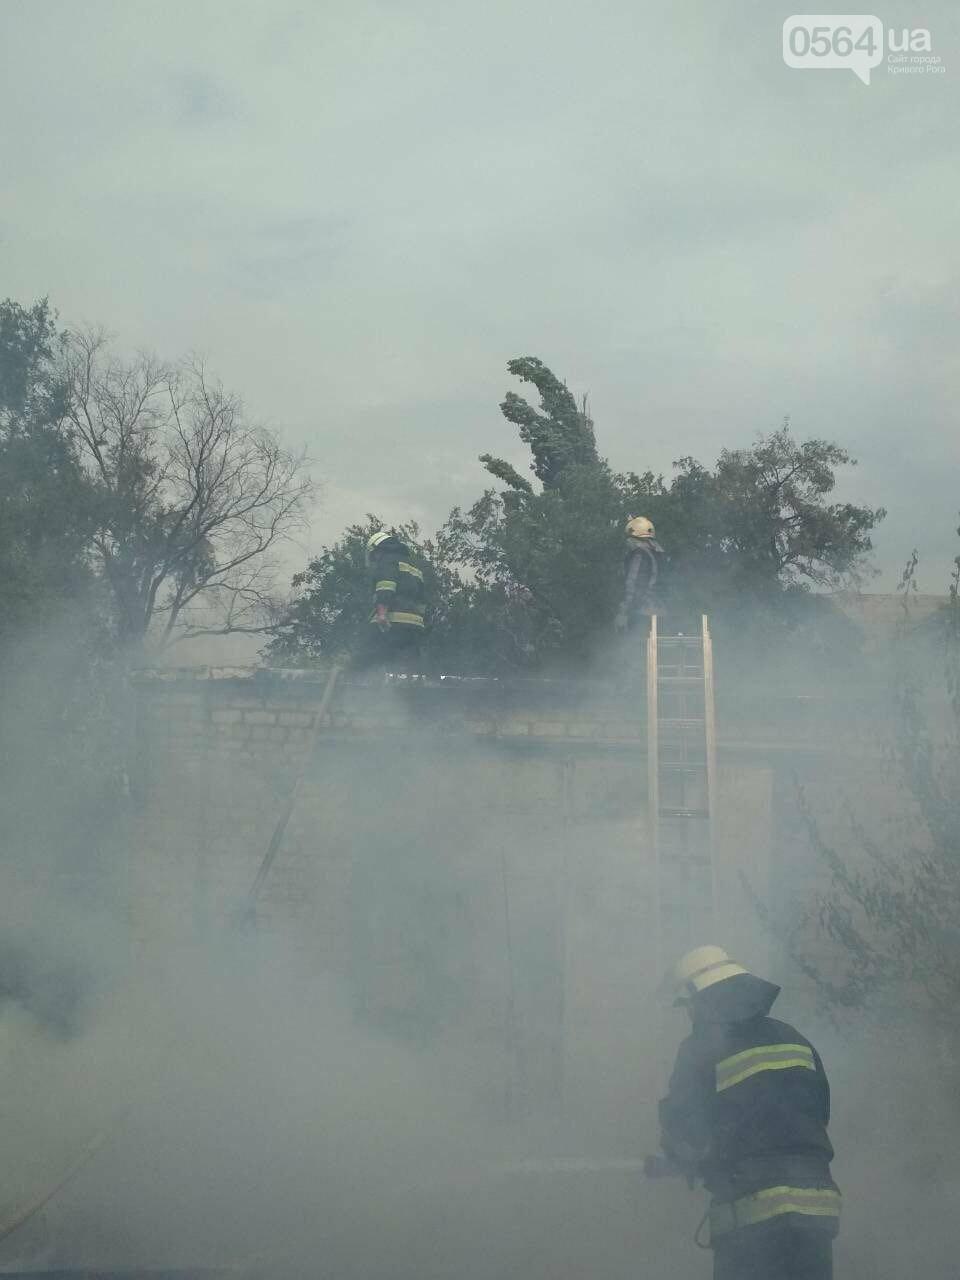 В Кривом Роге масштабный пожар: горели брошенные сараи, - ФОТО, ВИДЕО, фото-6